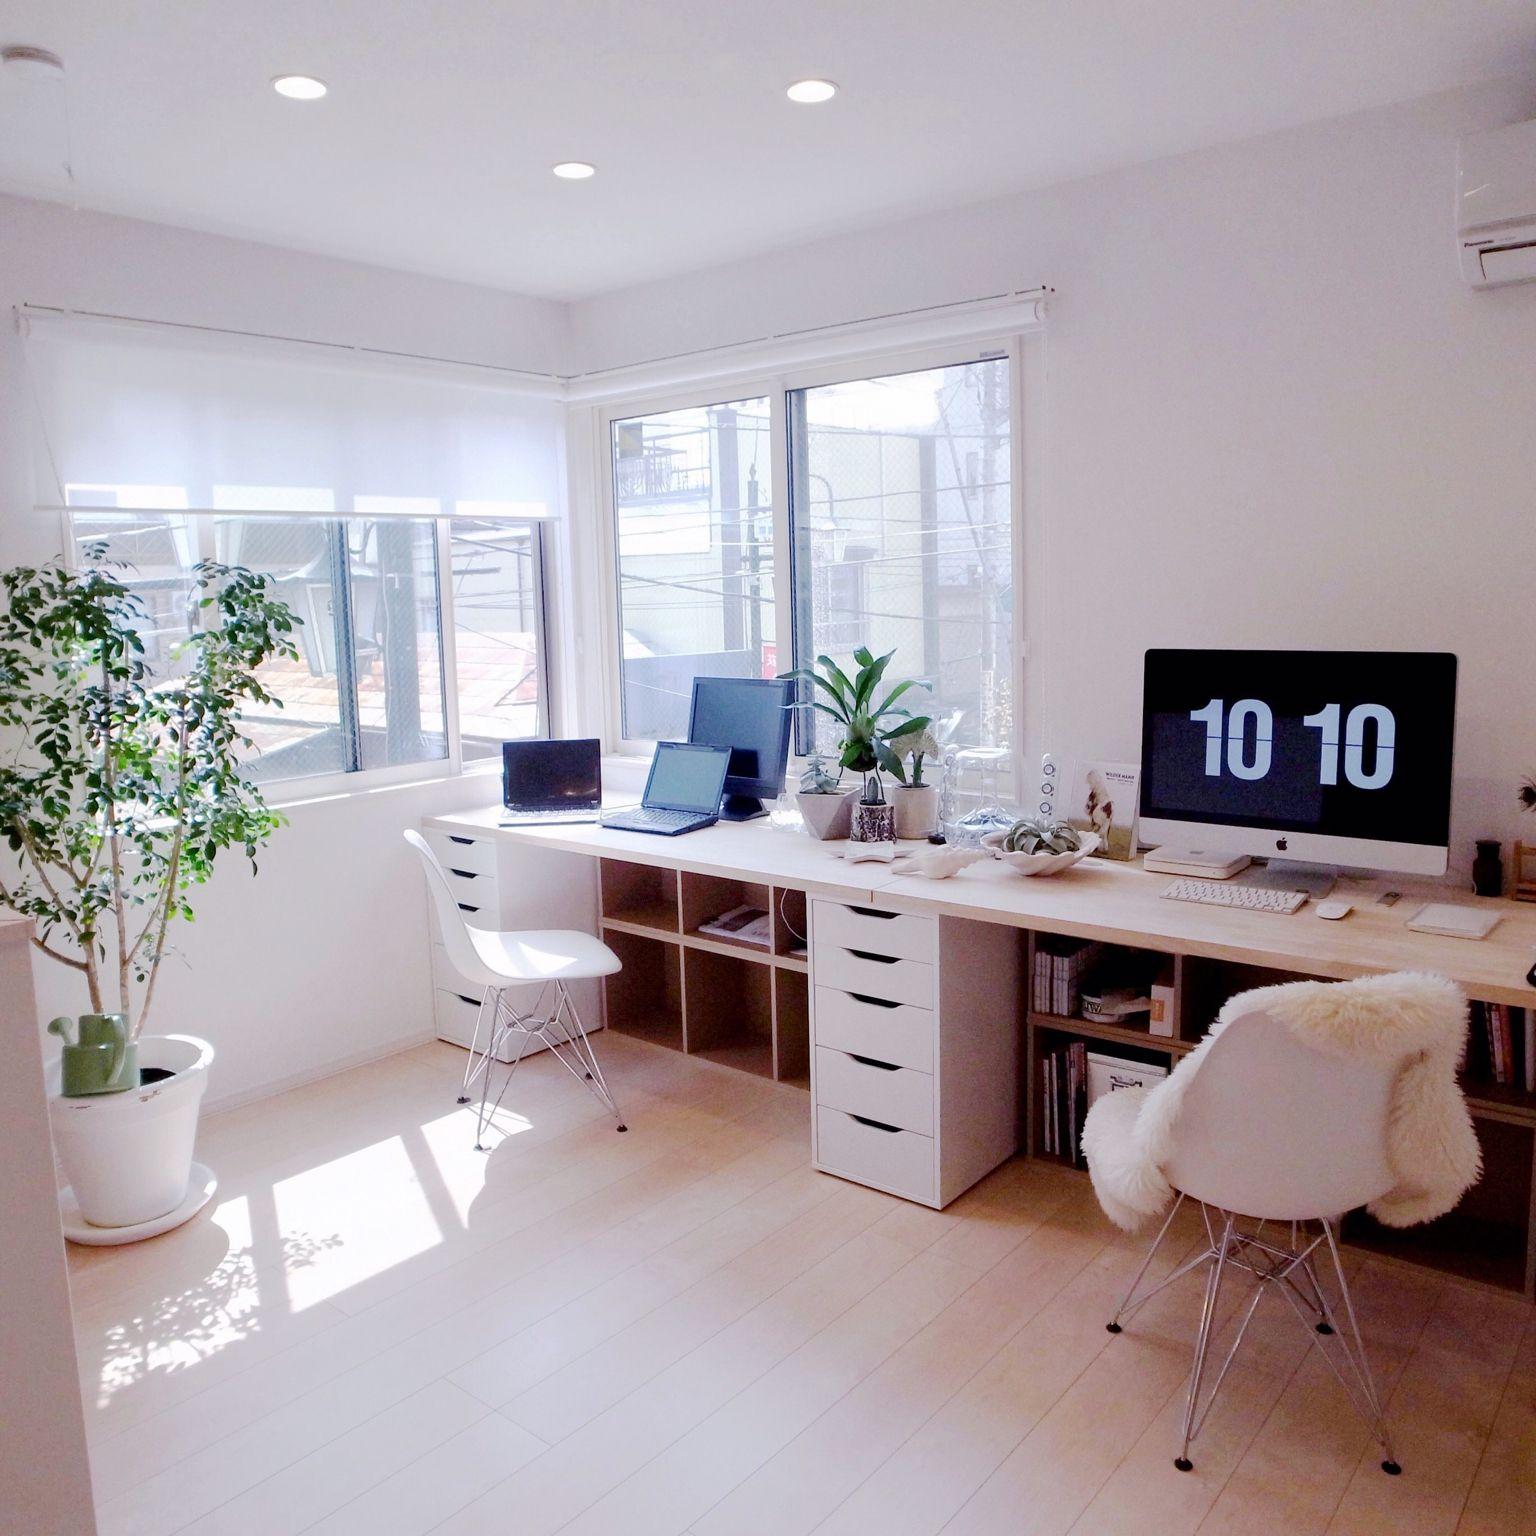 Buro Zuhause Einrichten Eine Wohnung Voller Ideen Sweet Home